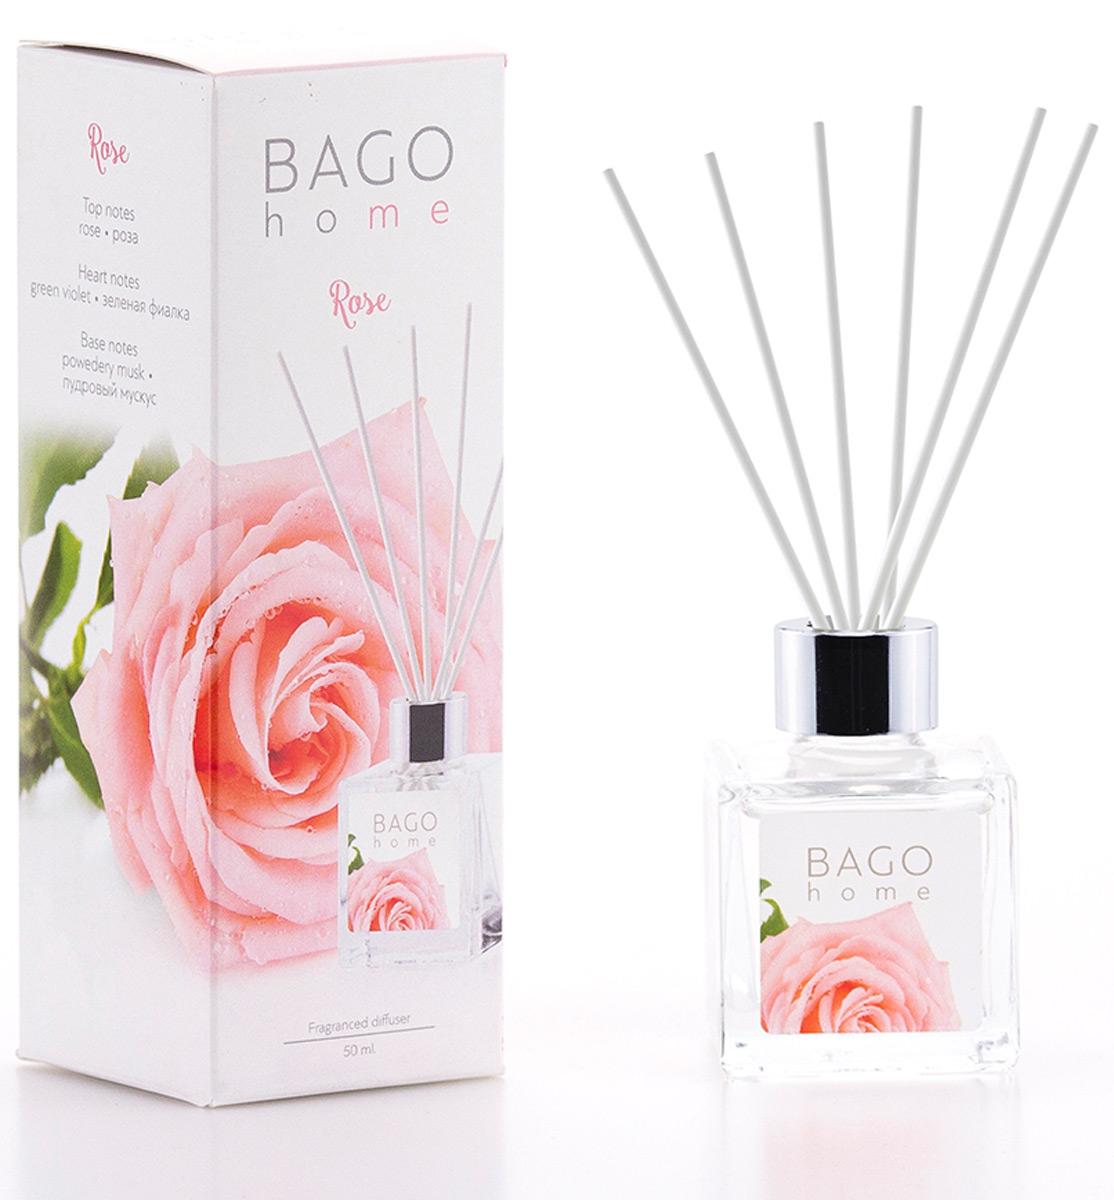 купить Мини-диффузор ароматический BAGO home